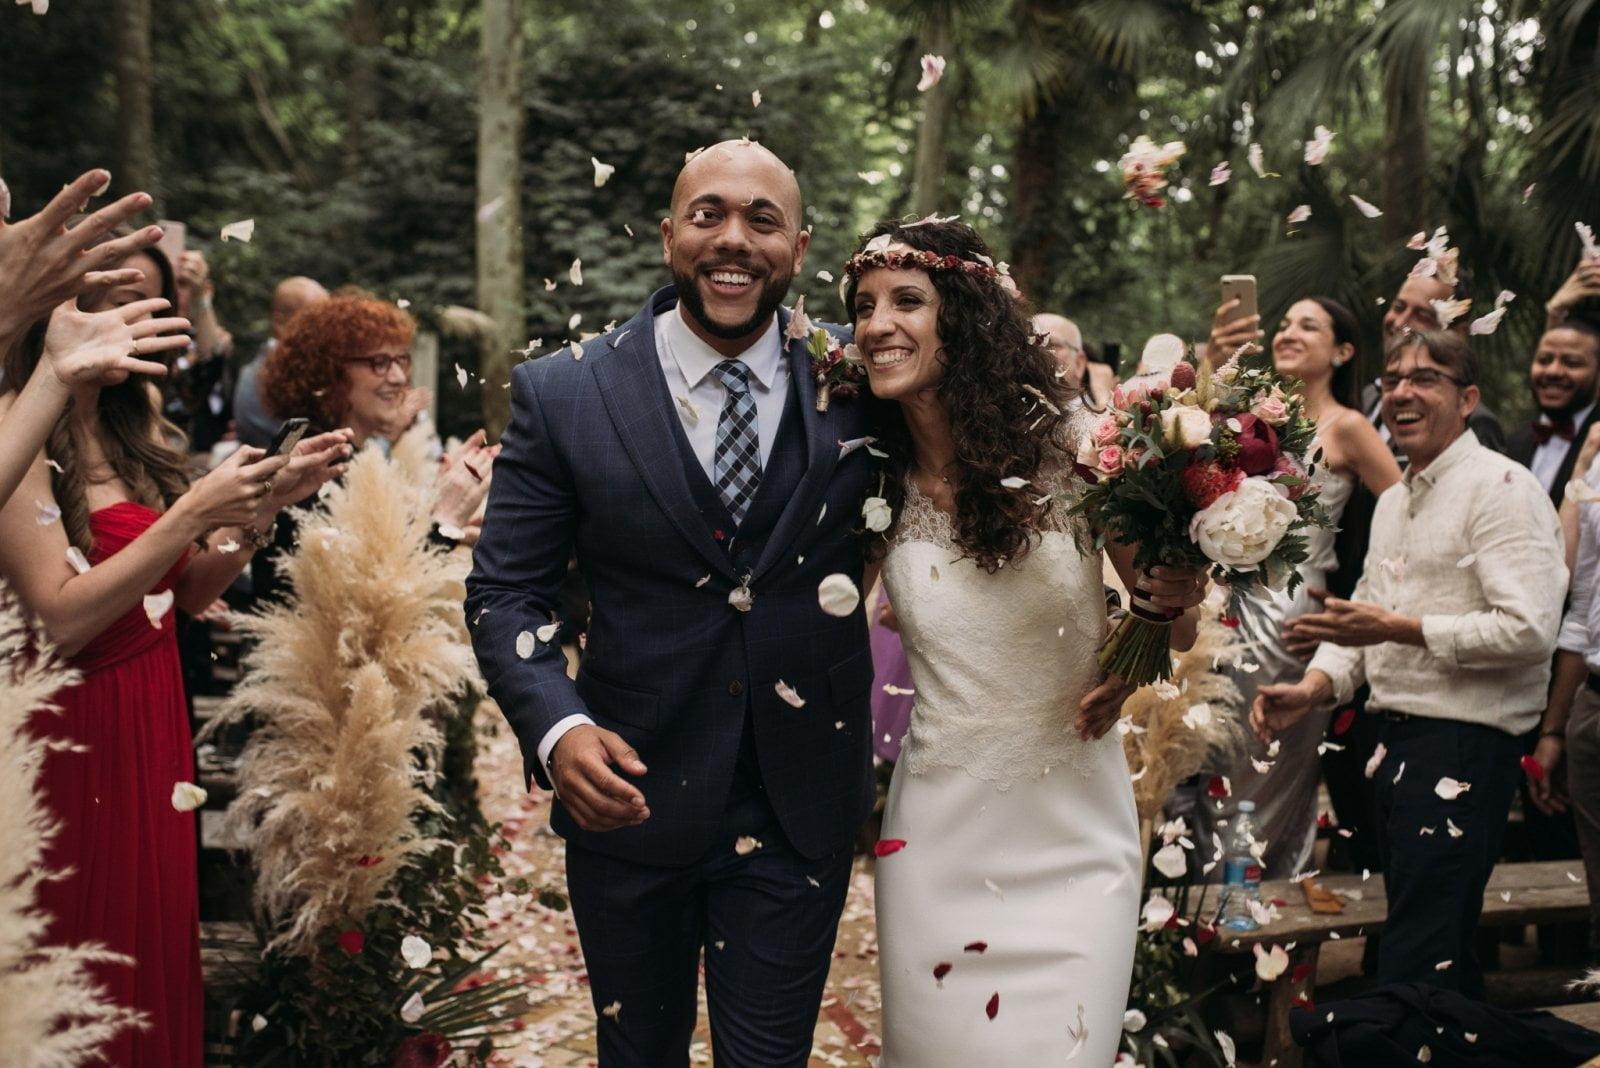 Núria y Xavi - 16/6/2018 - Loreak Espai Floral